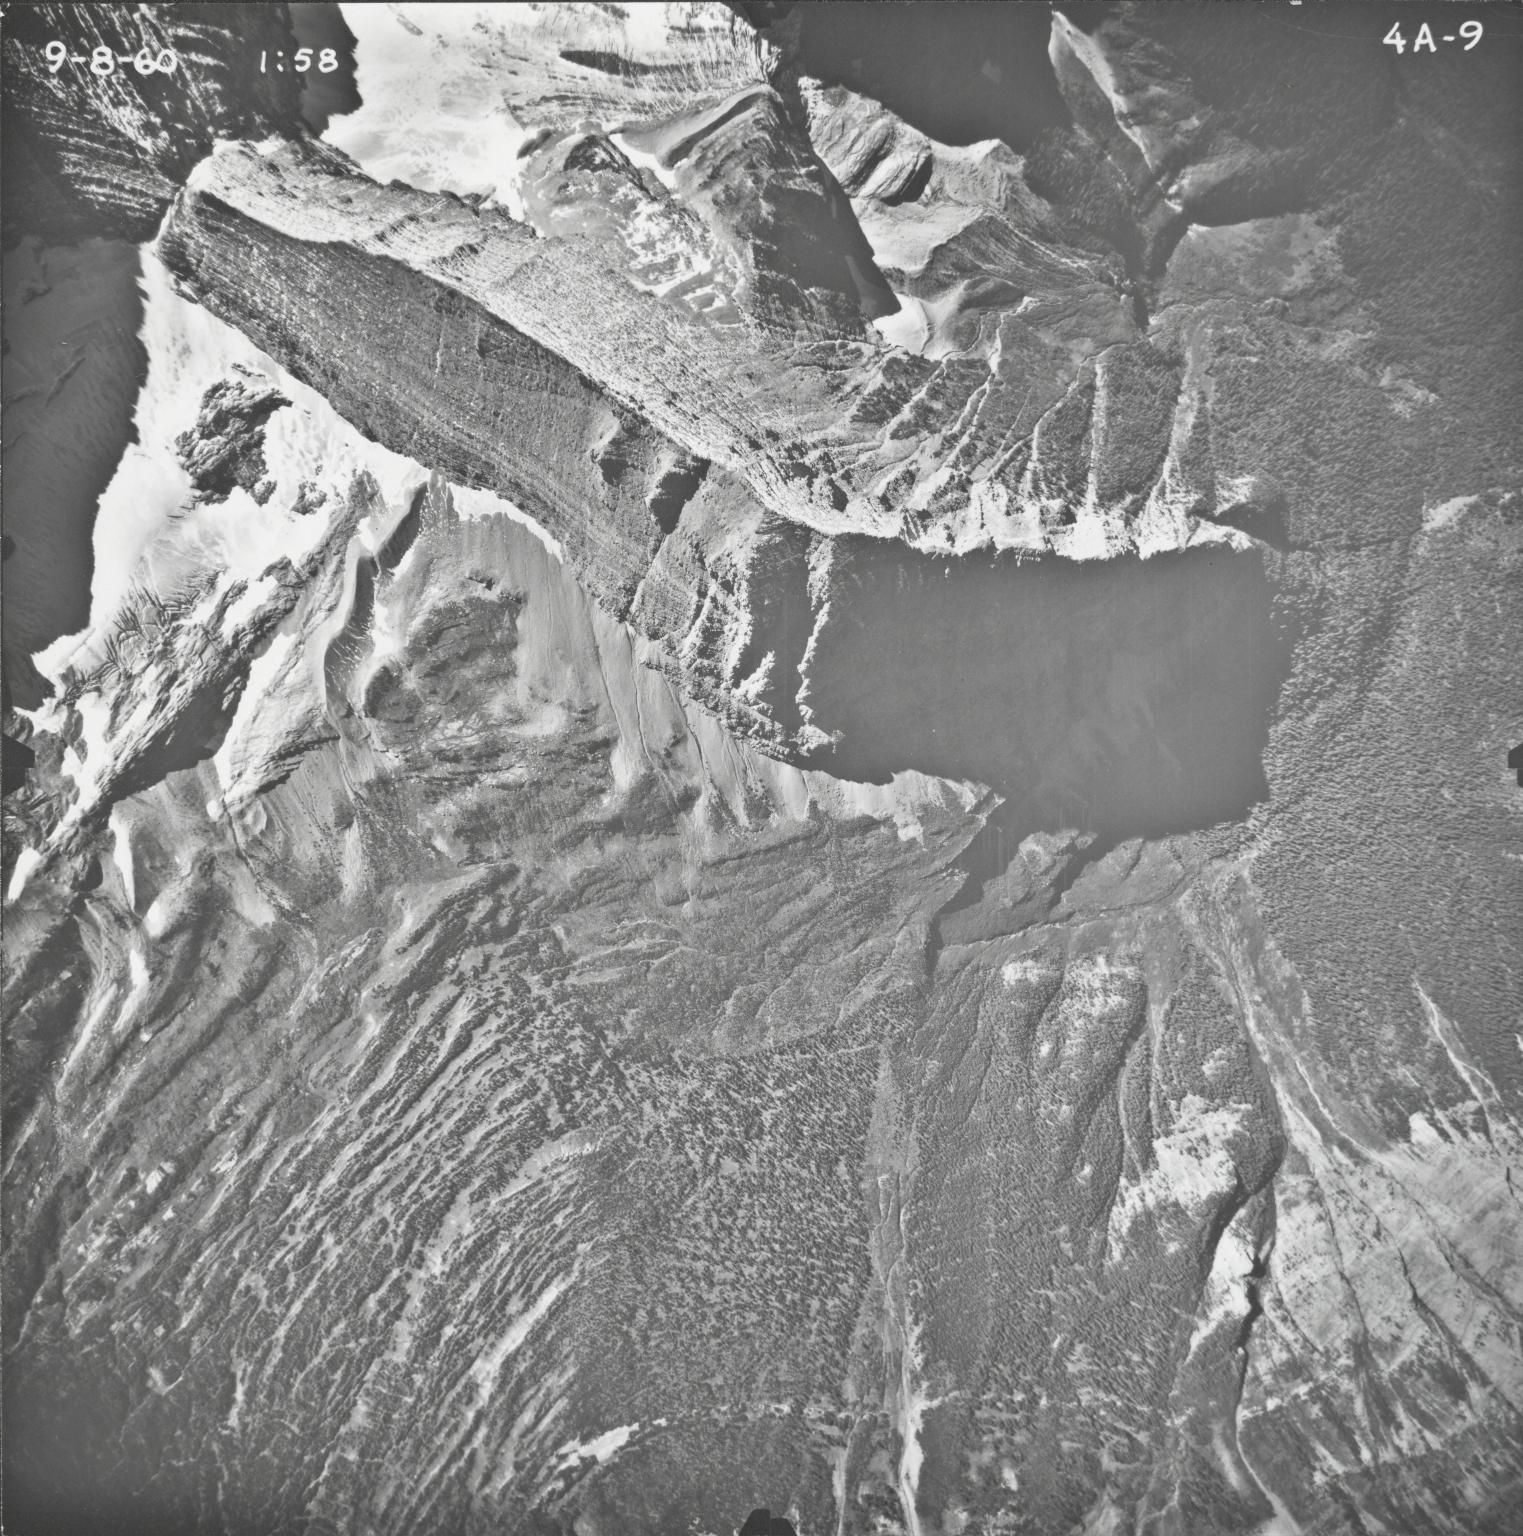 Carter Glaciers, aerial photograph FL4A-9, Montana